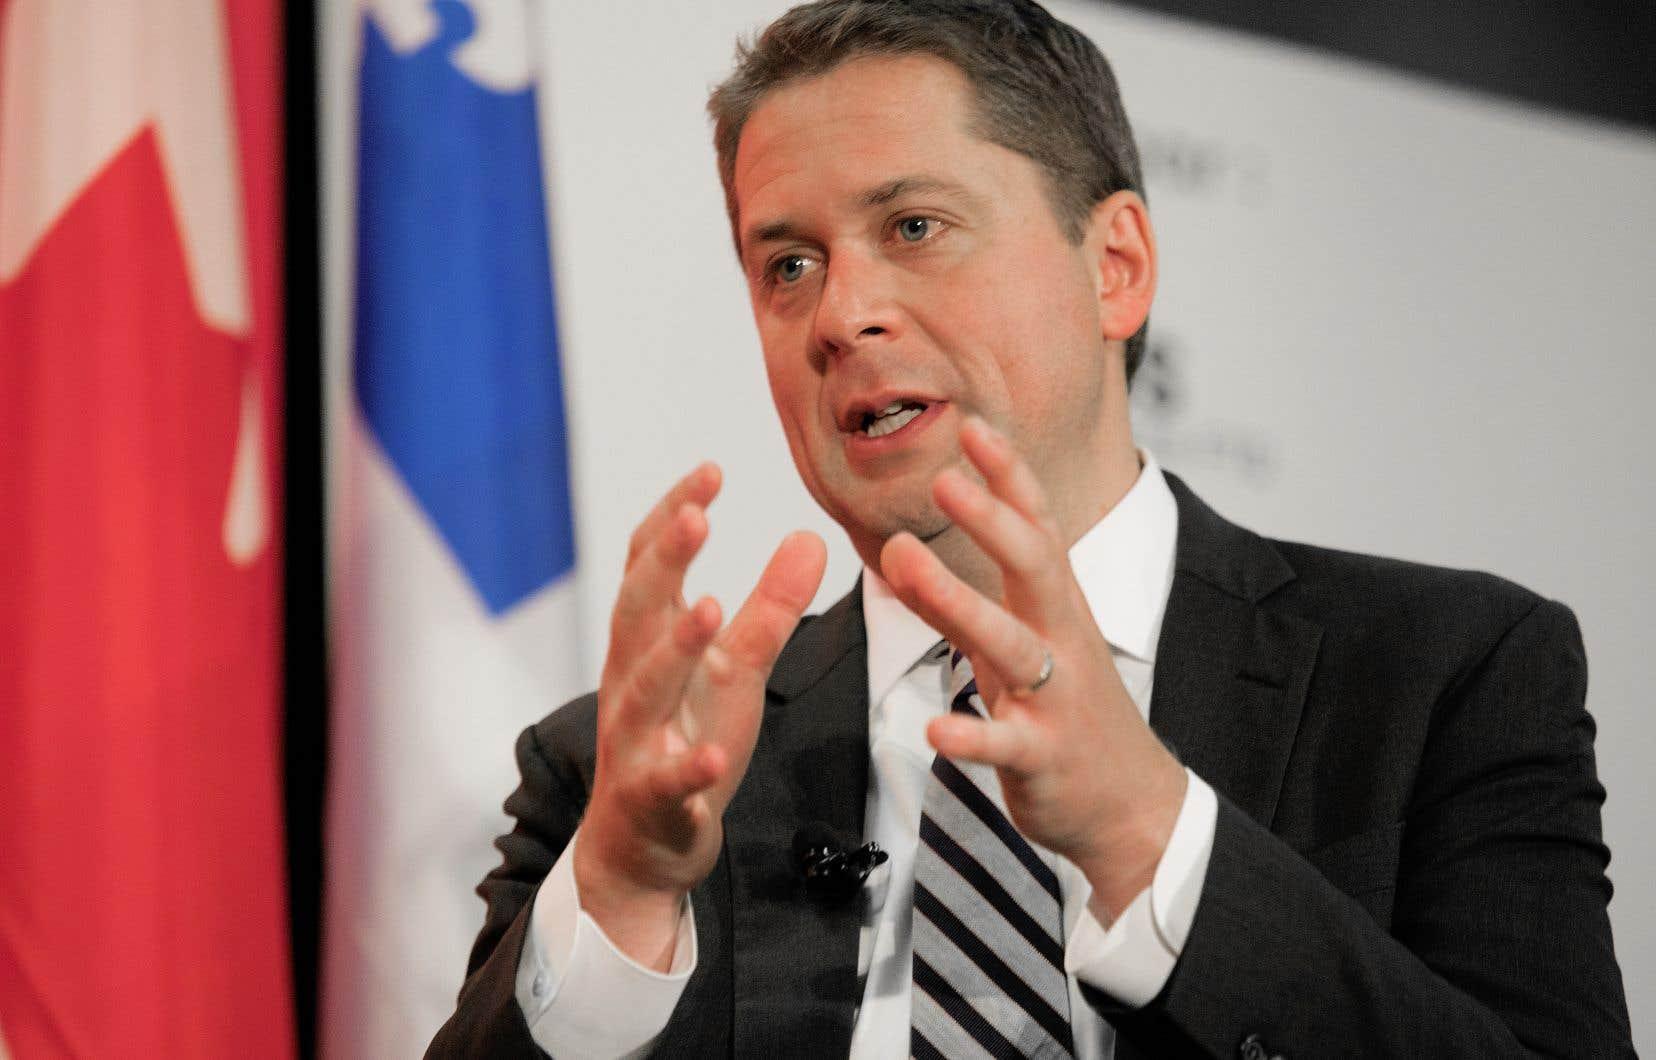 Le chef du parti conservateur, Andrew Scheer, a prononcé une allocution vendredi midi à la Chambre de commerce du Montréal métropolitain.